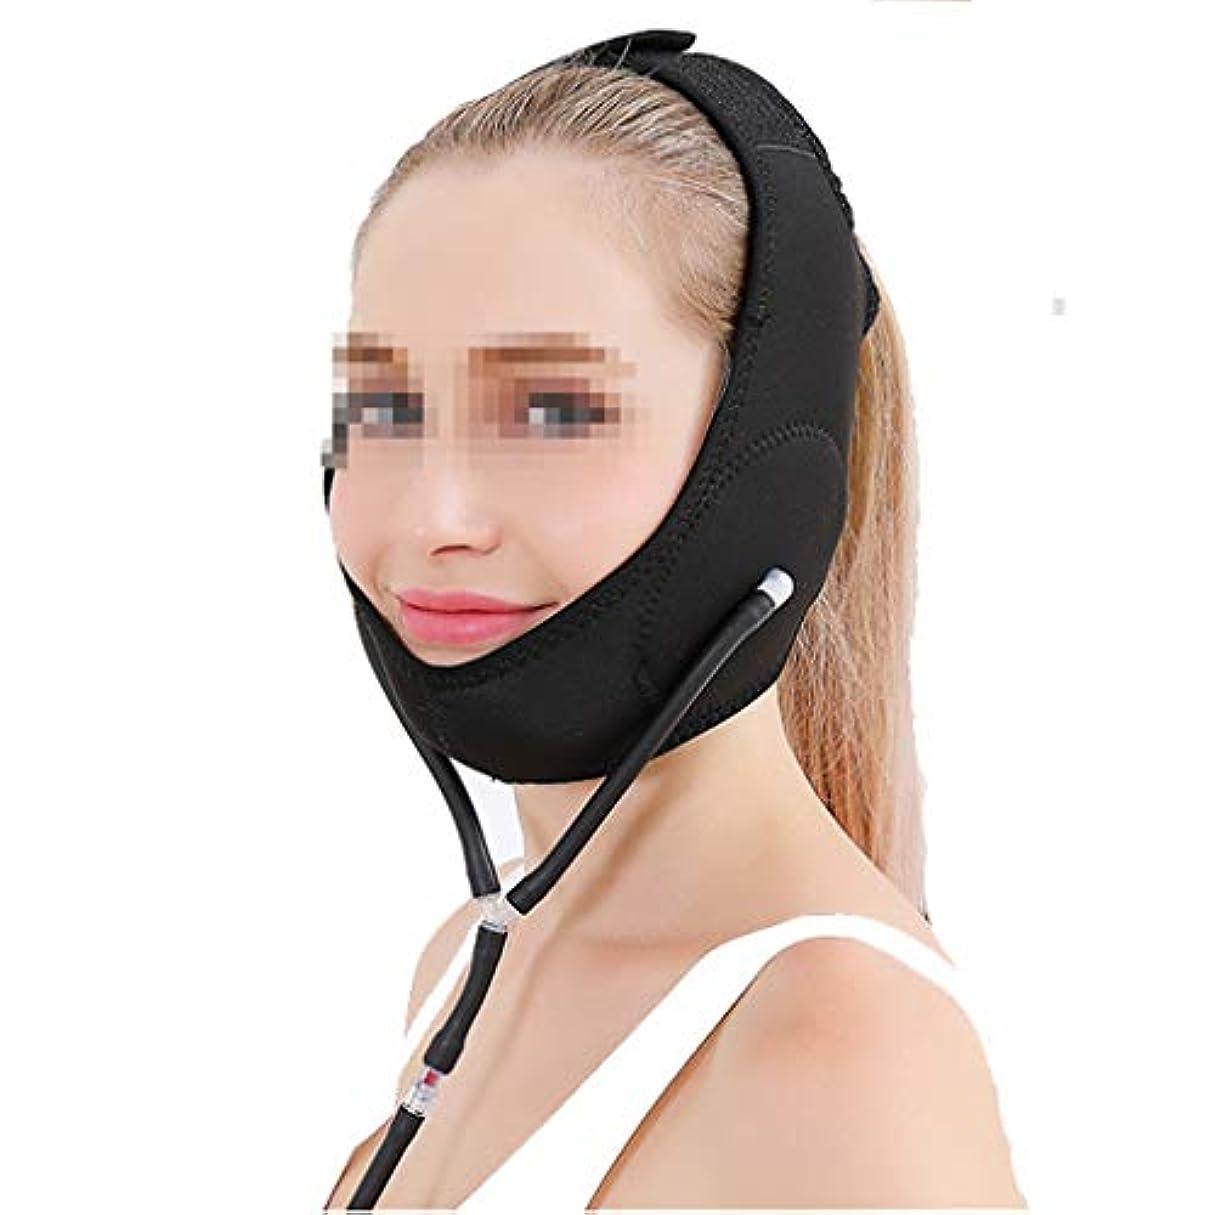 アートトピック補償空気圧薄いフェイスベルト、マスク小さなVフェイス圧力リフティングシェーピングかみ傷筋肉引き締めパターン二重あご包帯薄いフェイス包帯マルチカラーオプション (Color : Black)